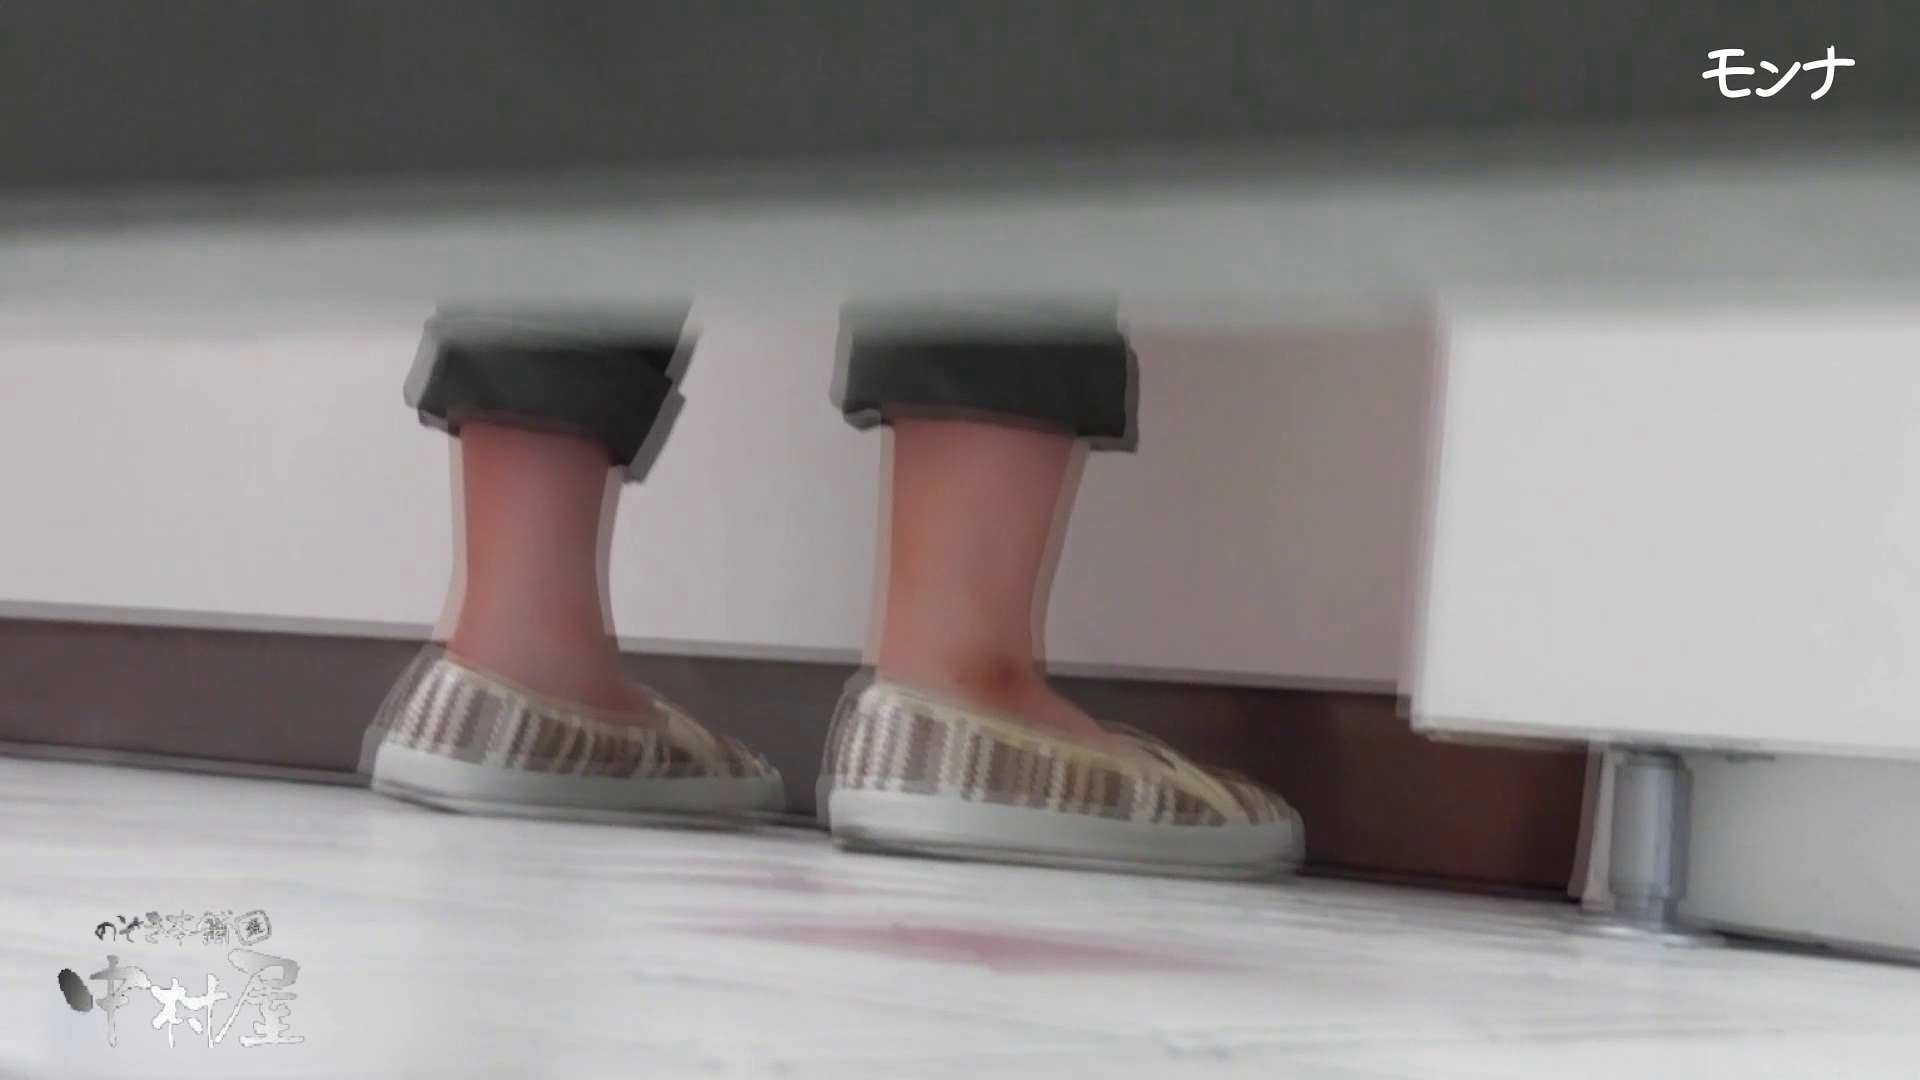 【美しい日本の未来】美しい日本の未来 No.69 ひやっと!終始15cmのしらすを垂らしながら・・・ OLハメ撮り  105Pix 59